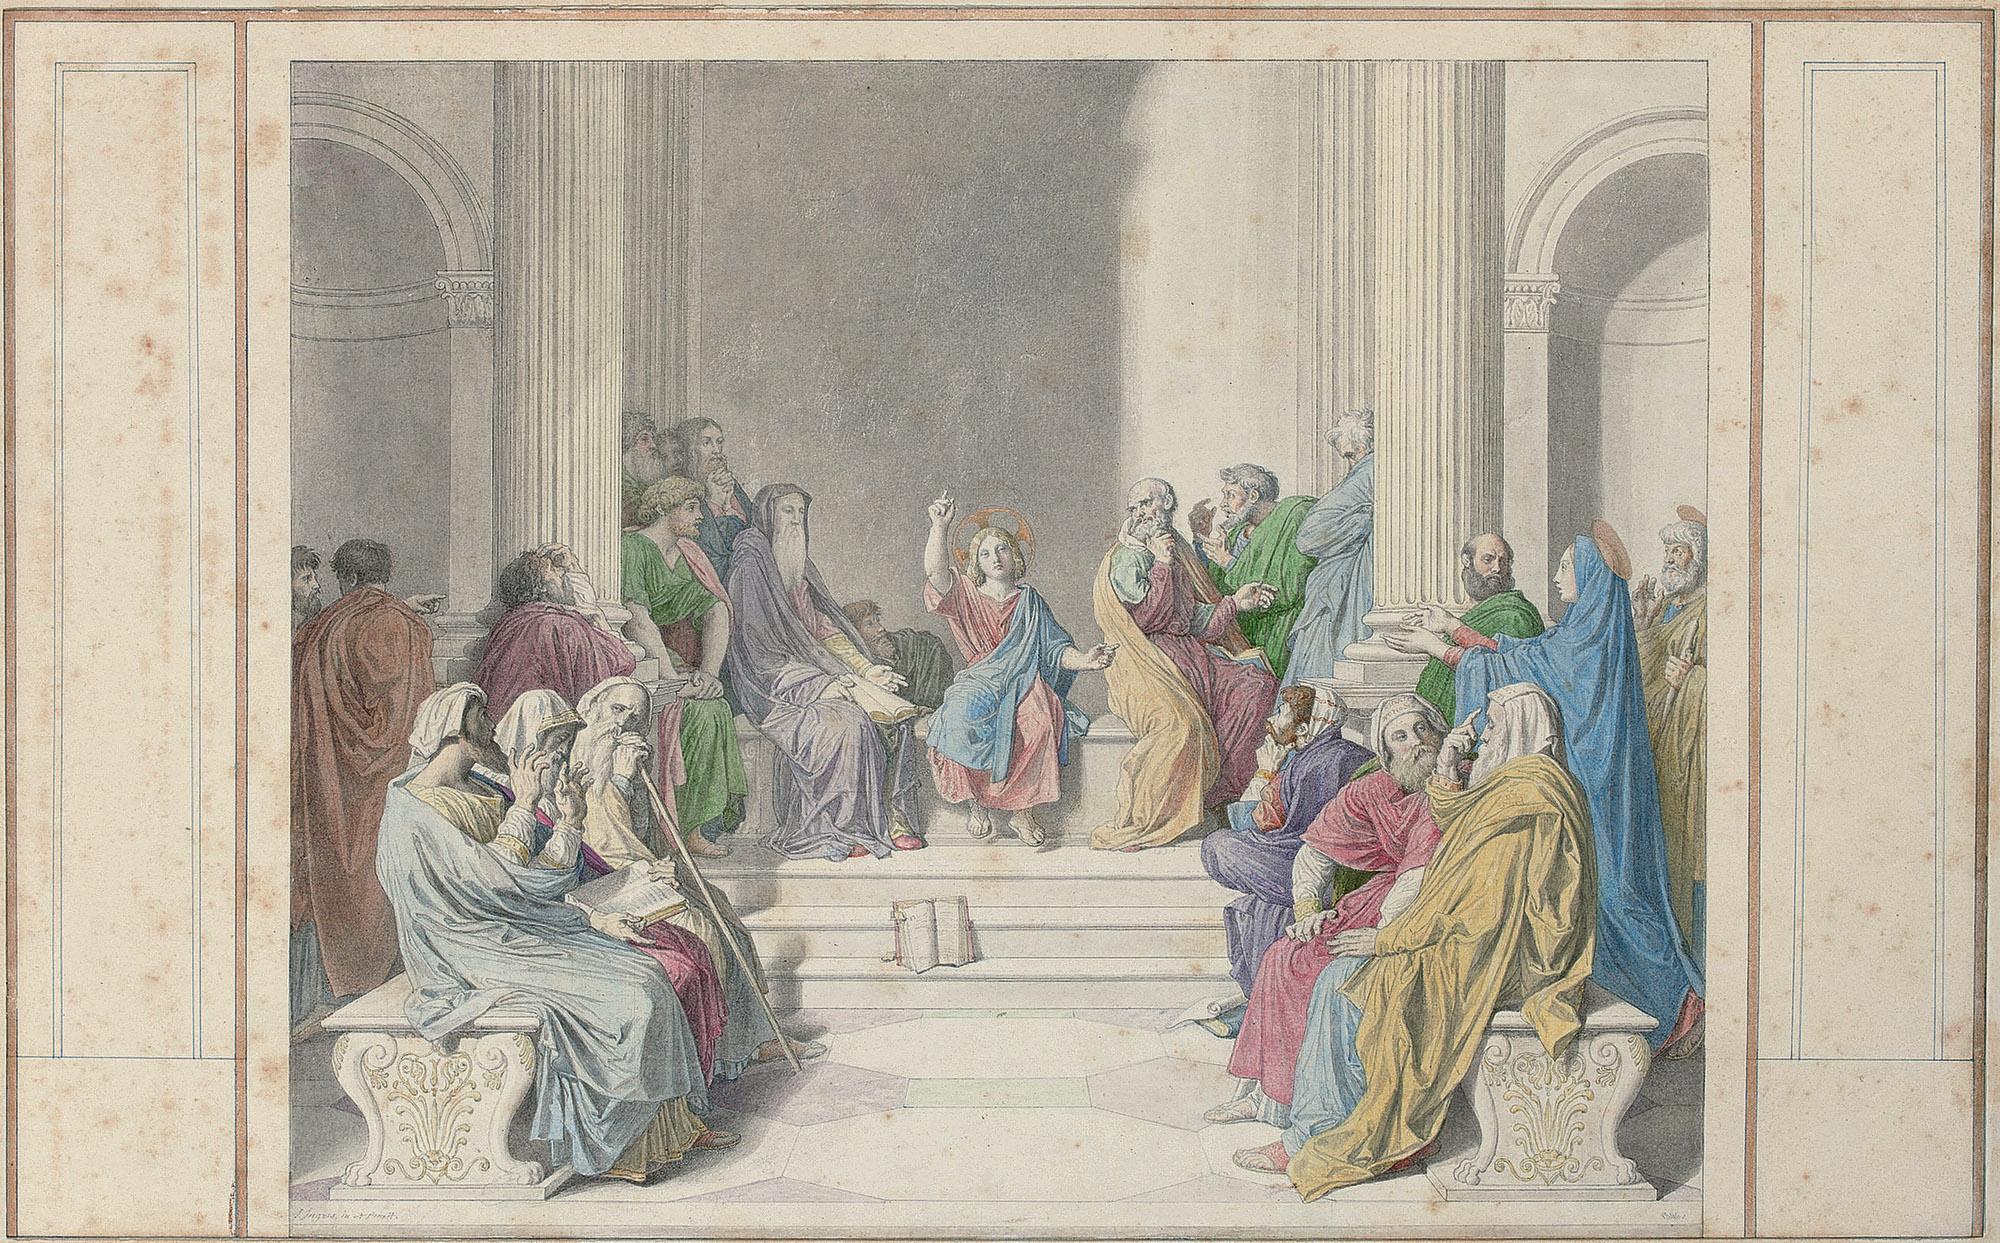 Jean Auguste Dominique Ingres (Montauban 1780-1867 Paris)